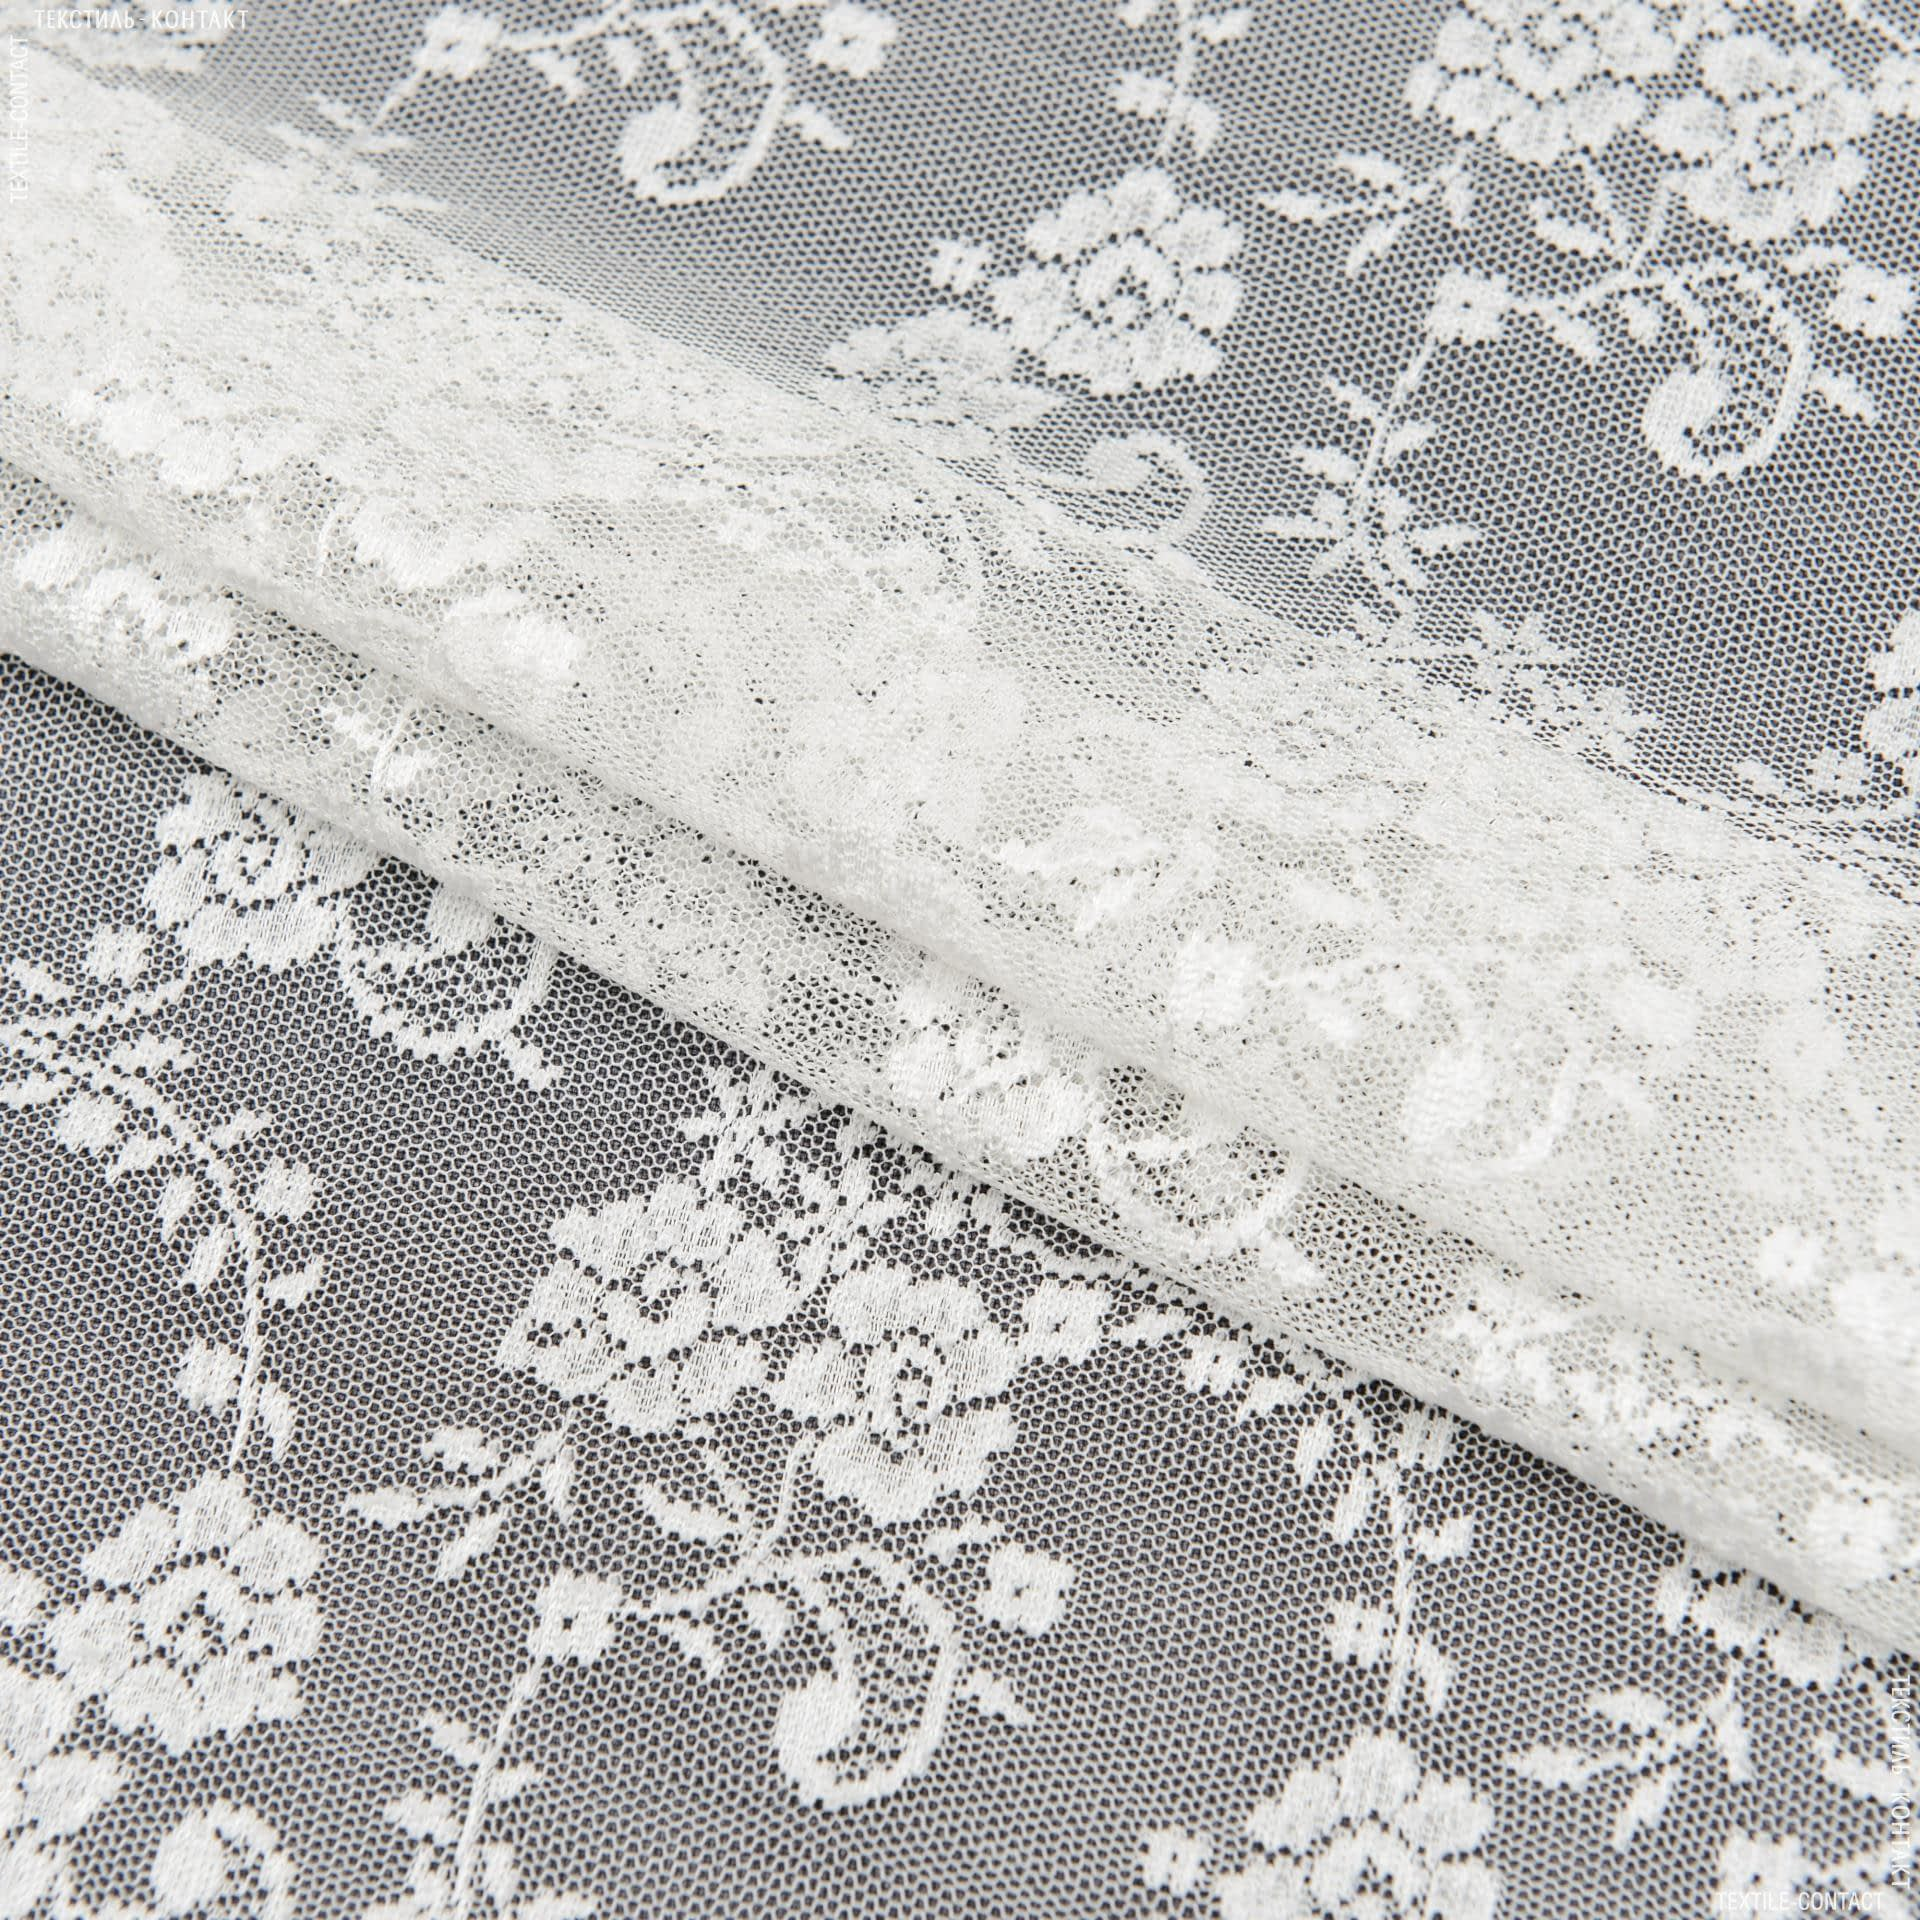 Ткани гардинные ткани - Гардинное полотно/ гипюр  ВЕНУС шампань